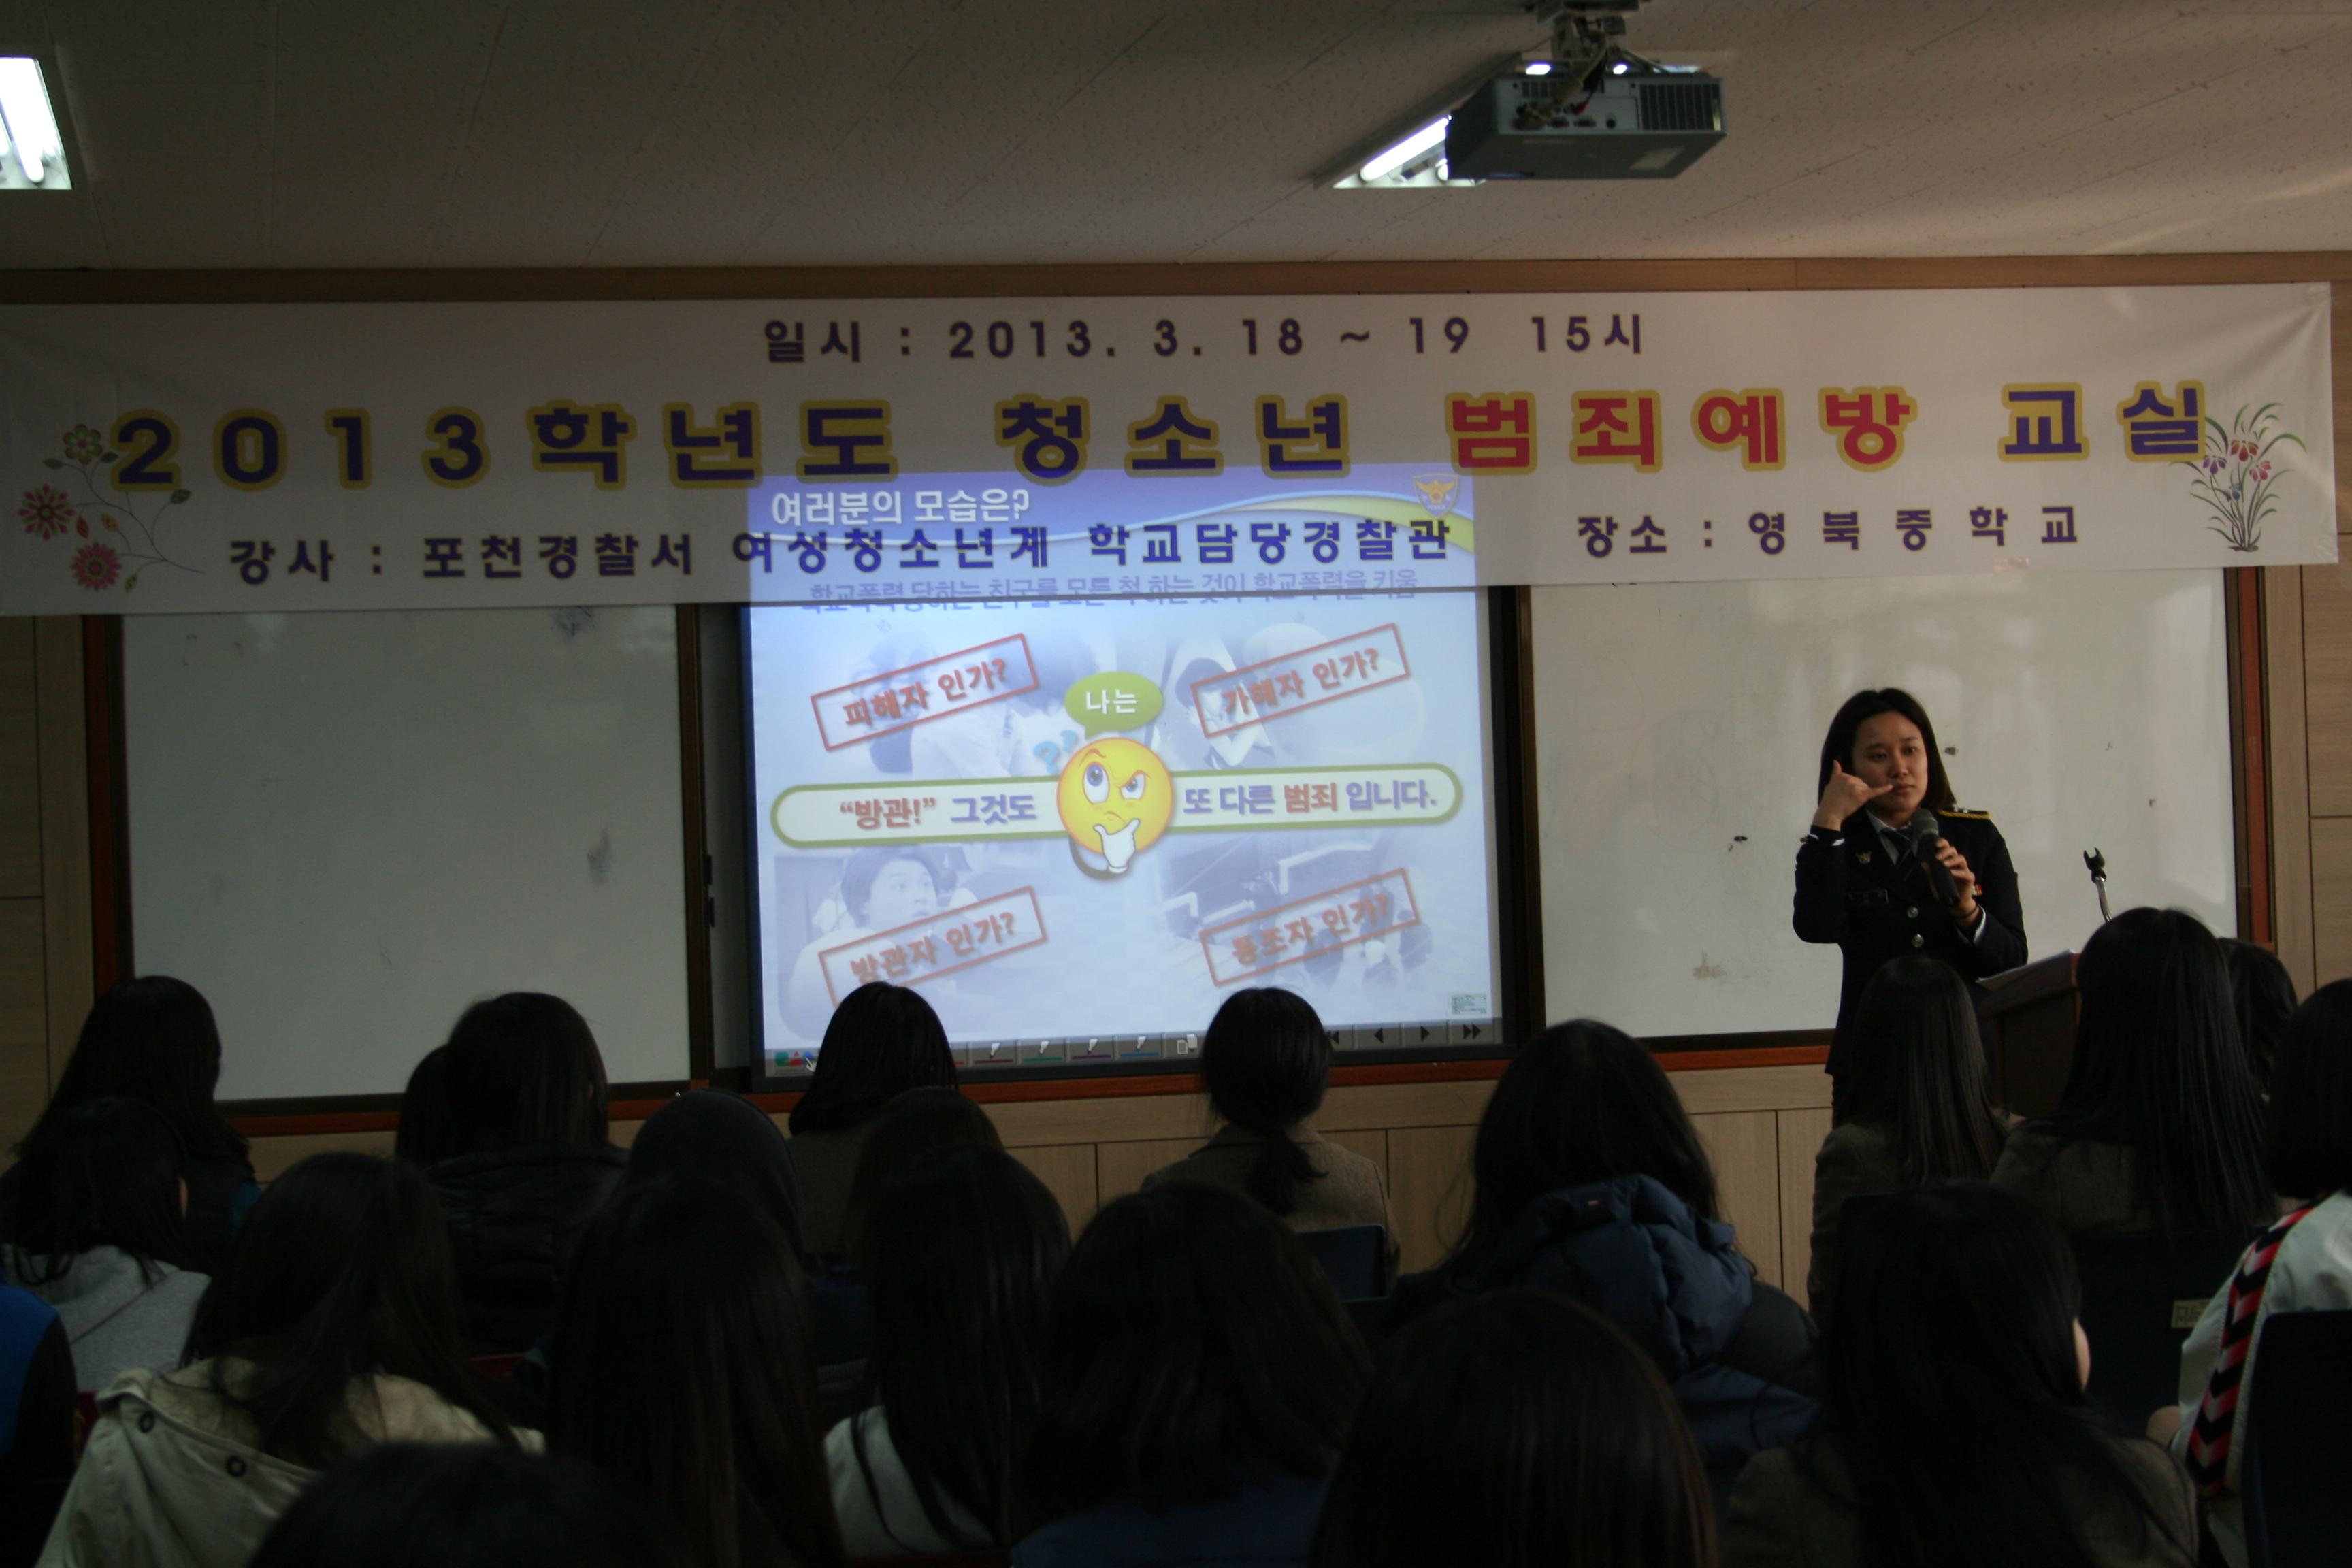 [일반] 2013학년 학교폭력예방교육의 첨부이미지 2